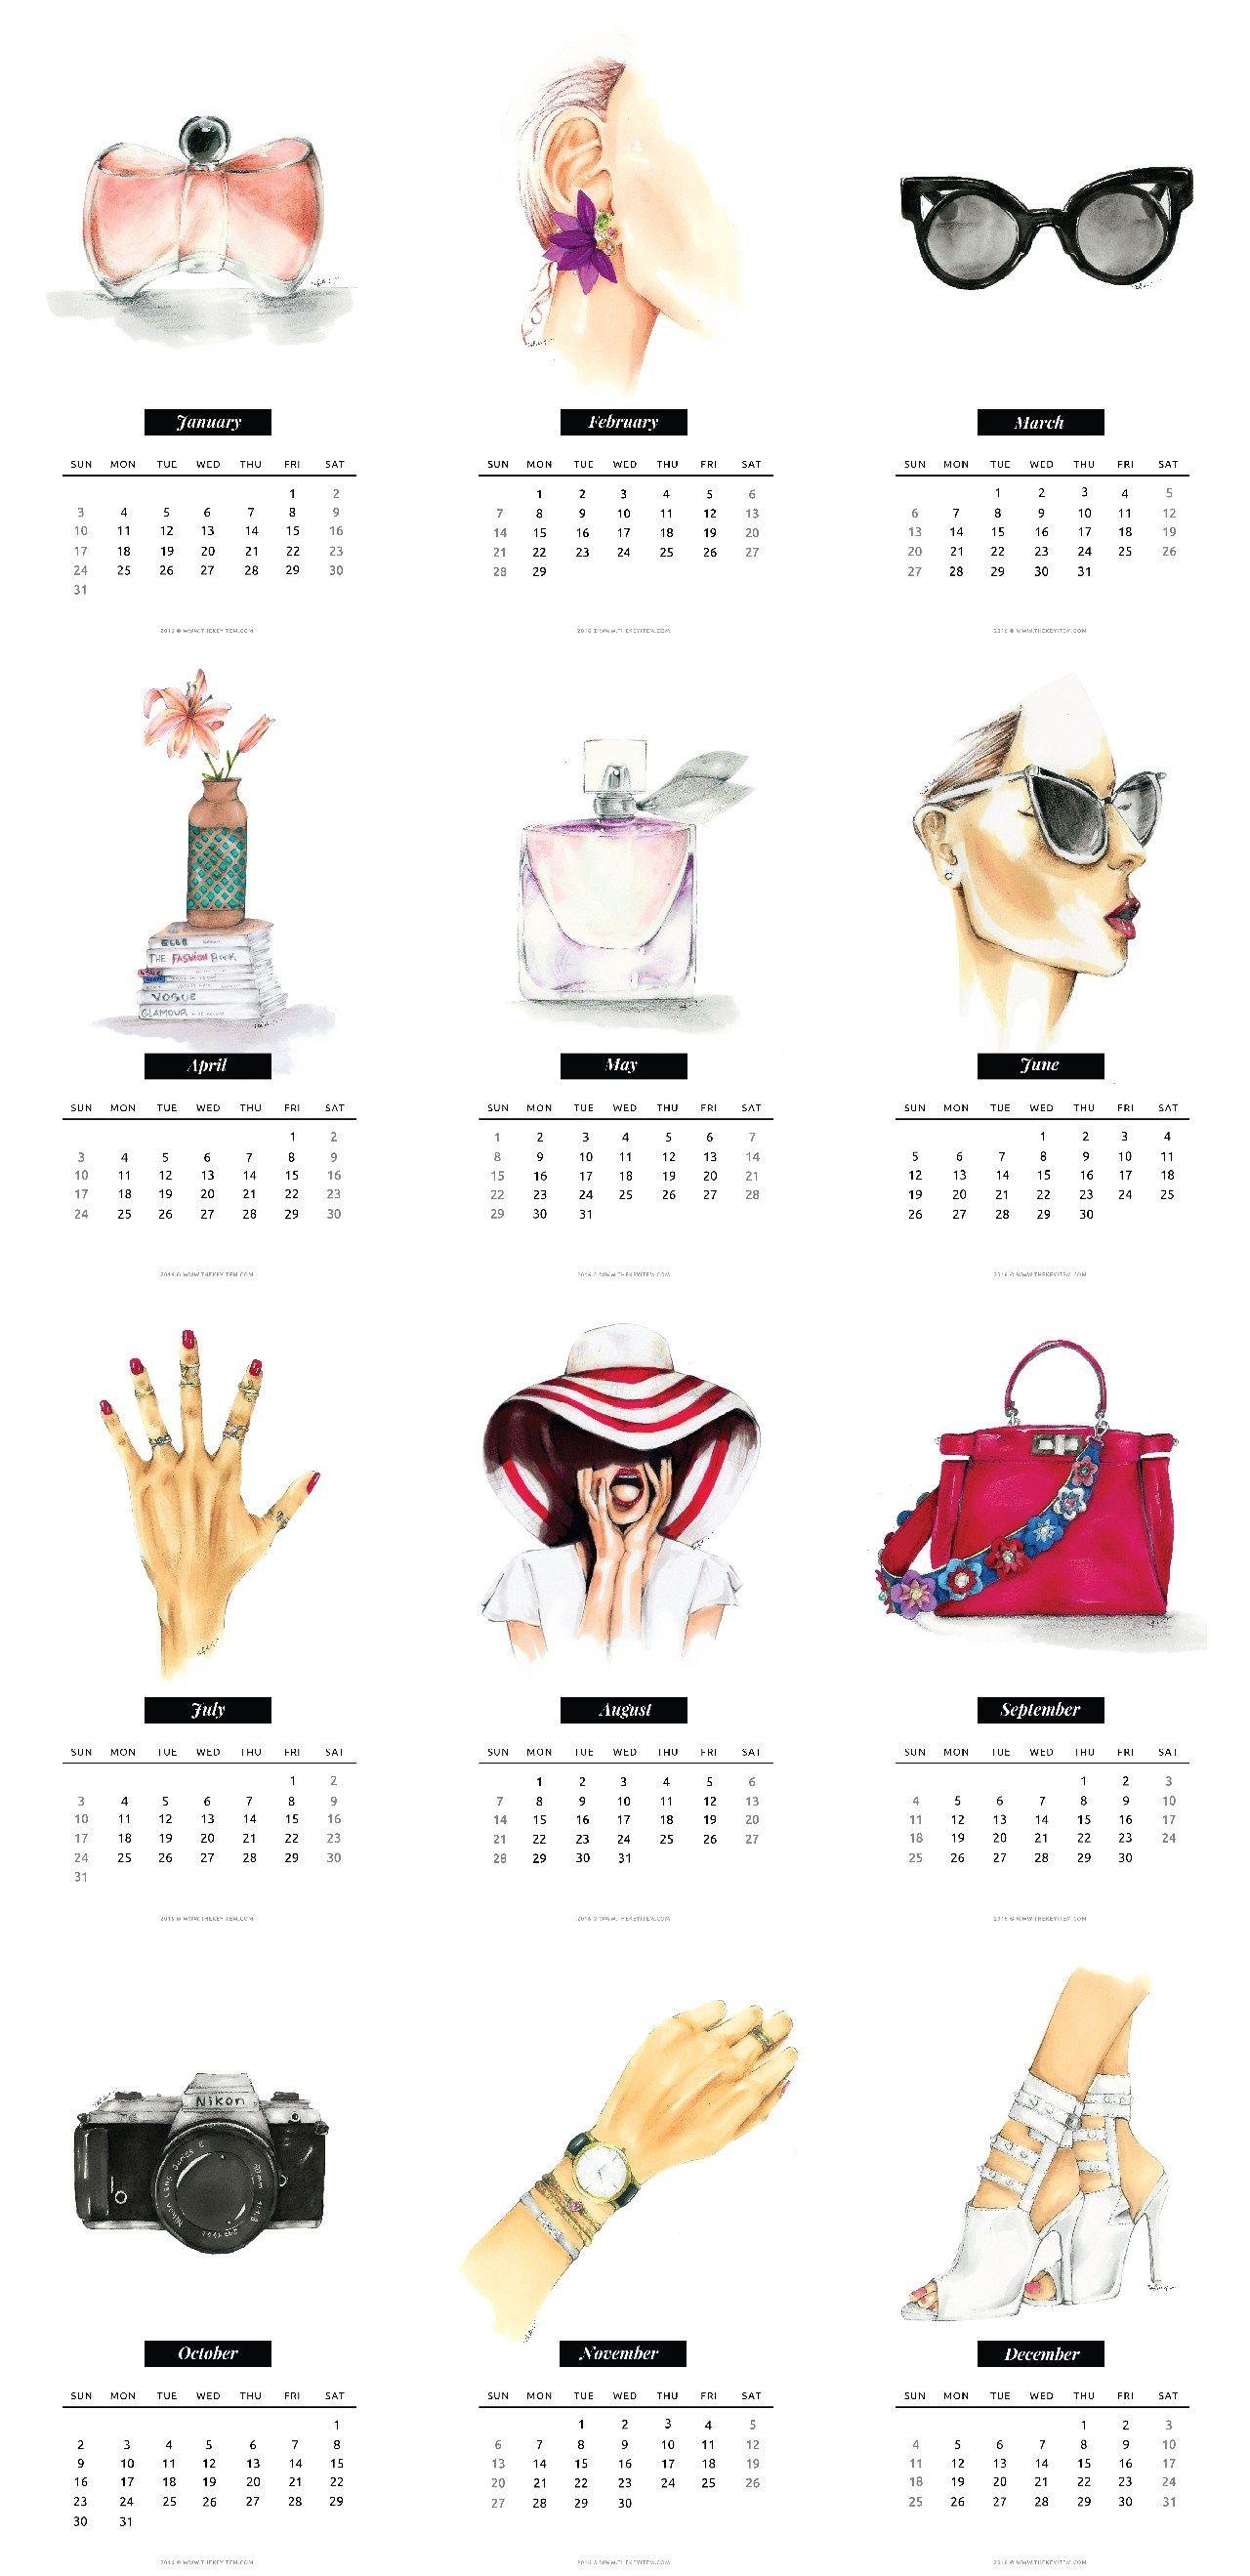 Calendario Para Imprimir 2017 Septiembre Y Octubre Actual Calendario Ilustrado 2016 Gratis Ilustraciones Of Calendario Para Imprimir 2017 Septiembre Y Octubre Más Recientemente Liberado Paciente Lleva 13 Das Desaparecido En El Cabral Y Baez No Aparece